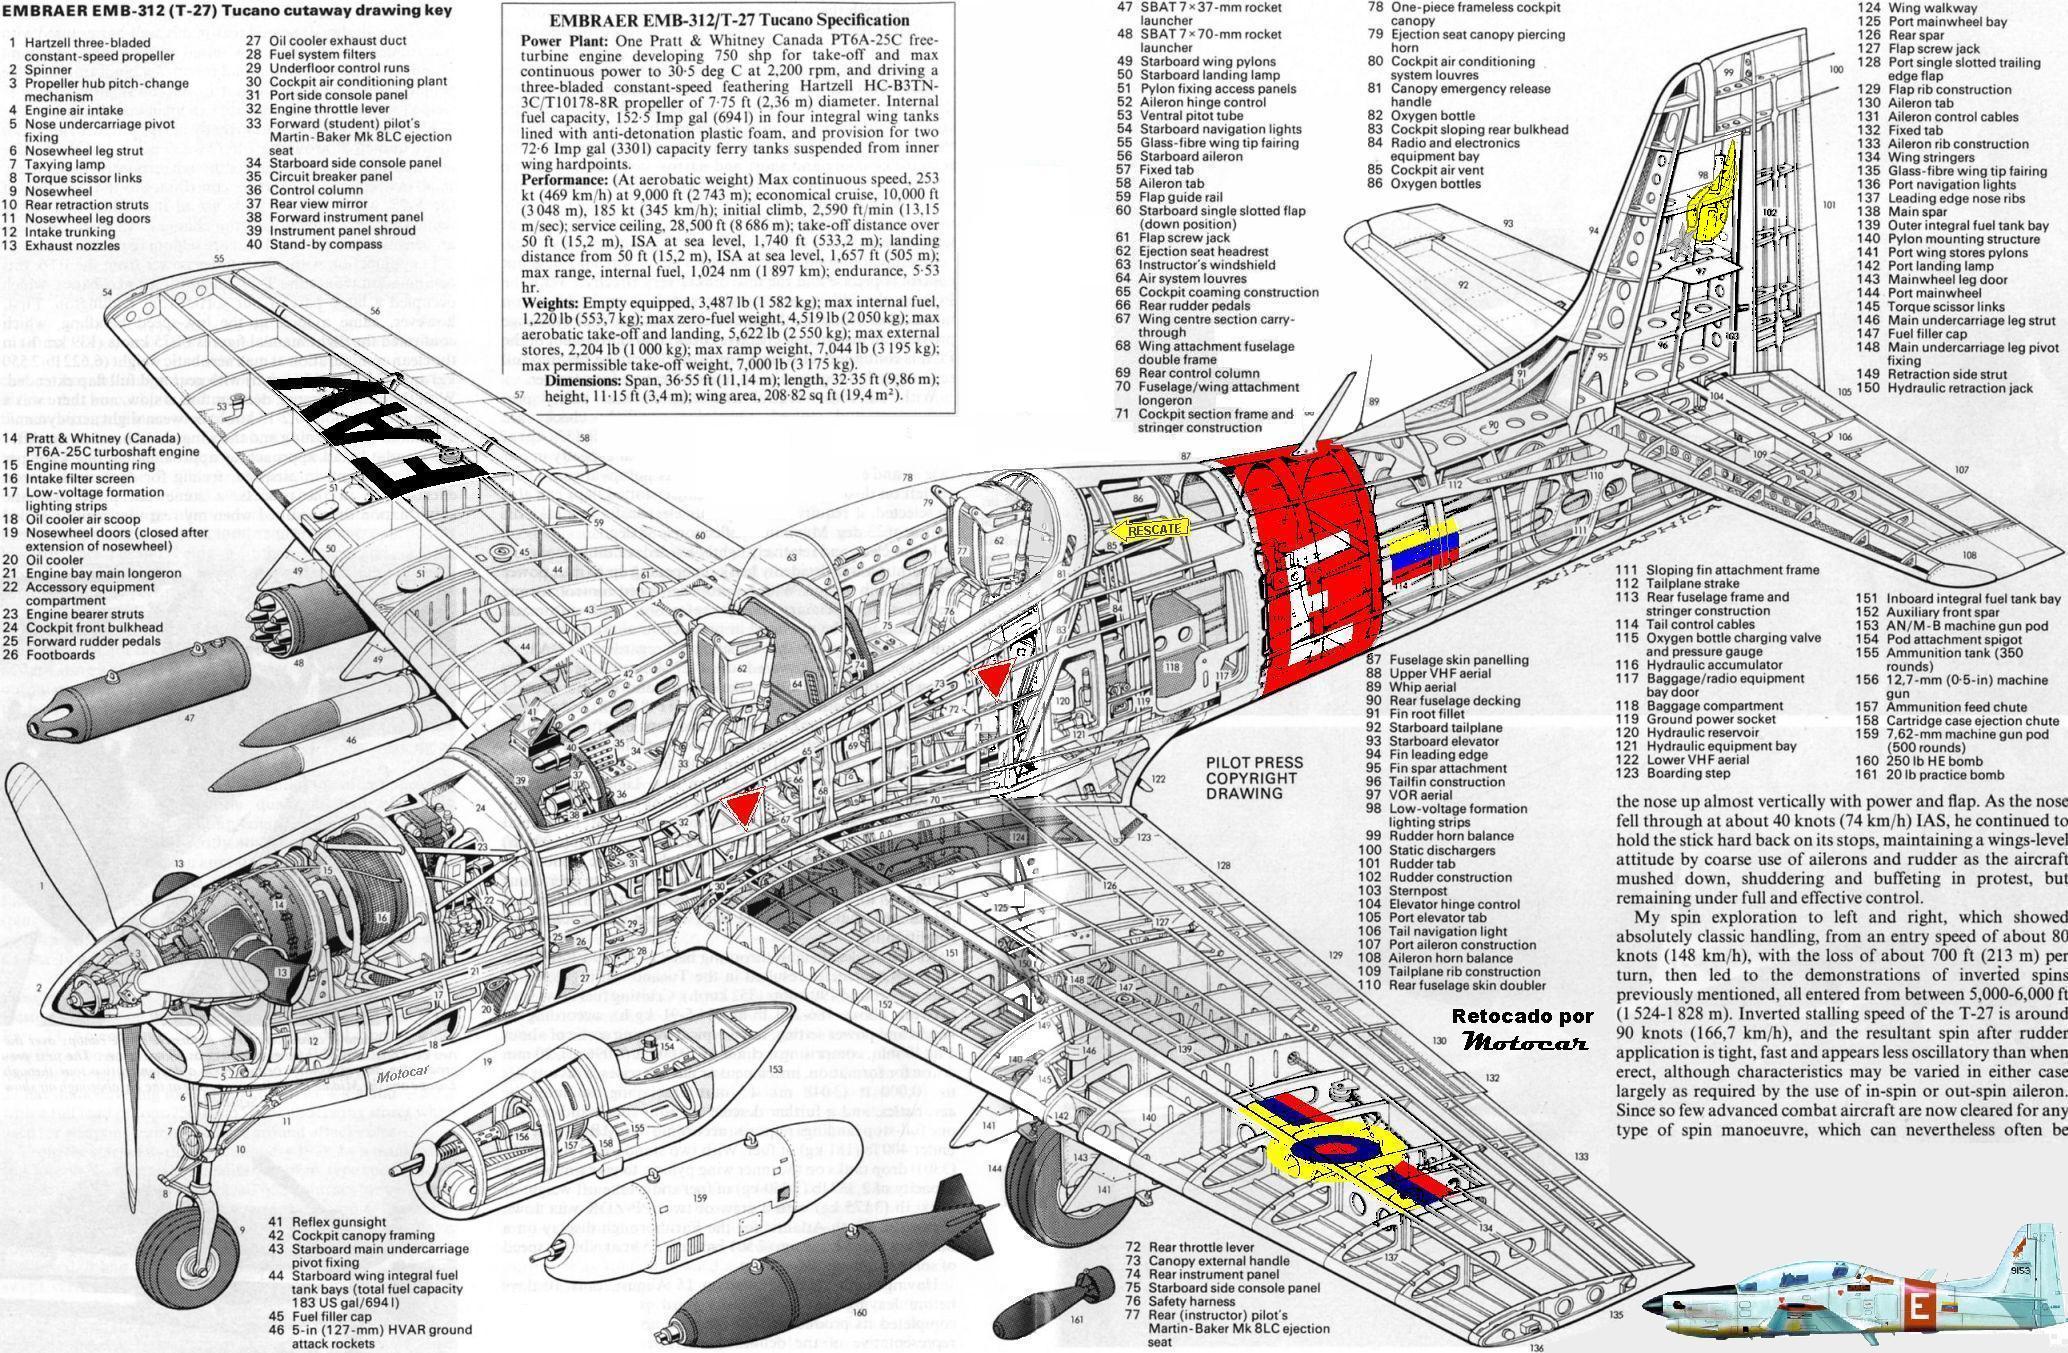 Entrenadores - Página 39 Cutaway_Embraer_T_27_Tucano_FAV